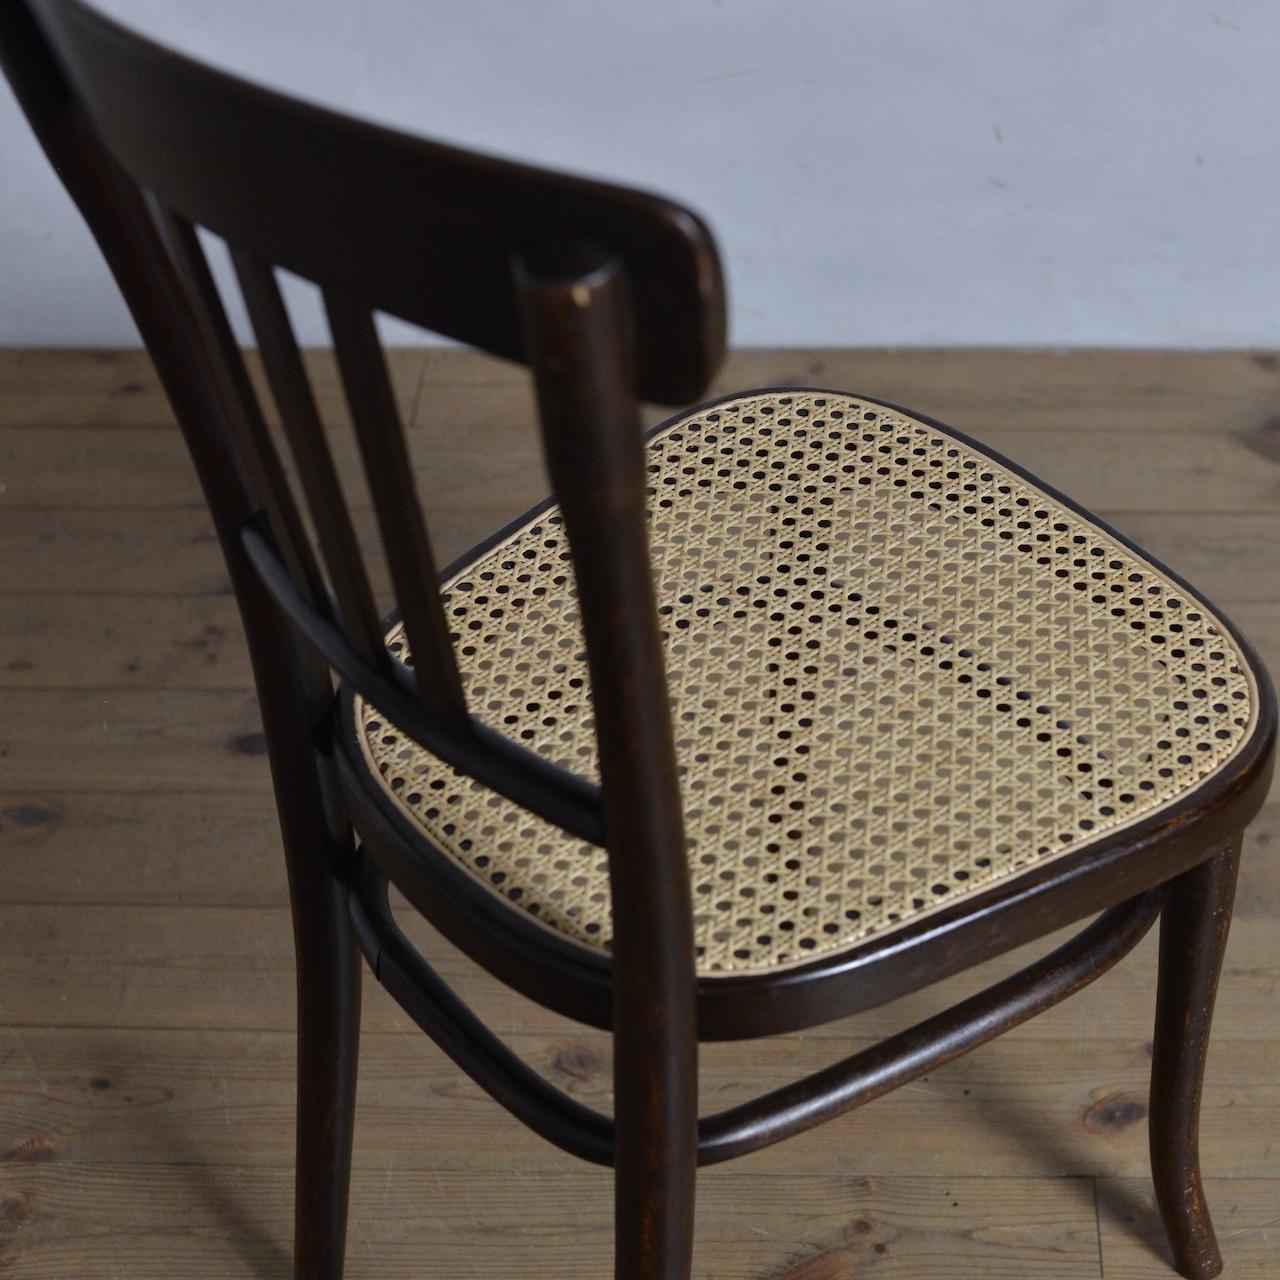 【商談中】Thonet Bentwood Chair / トーネット ベントウッド チェア【A】〈トーネット社・ミヒャエルトーネット・ラタンチェア・ダイニングチェア〉2806-0275 【A】